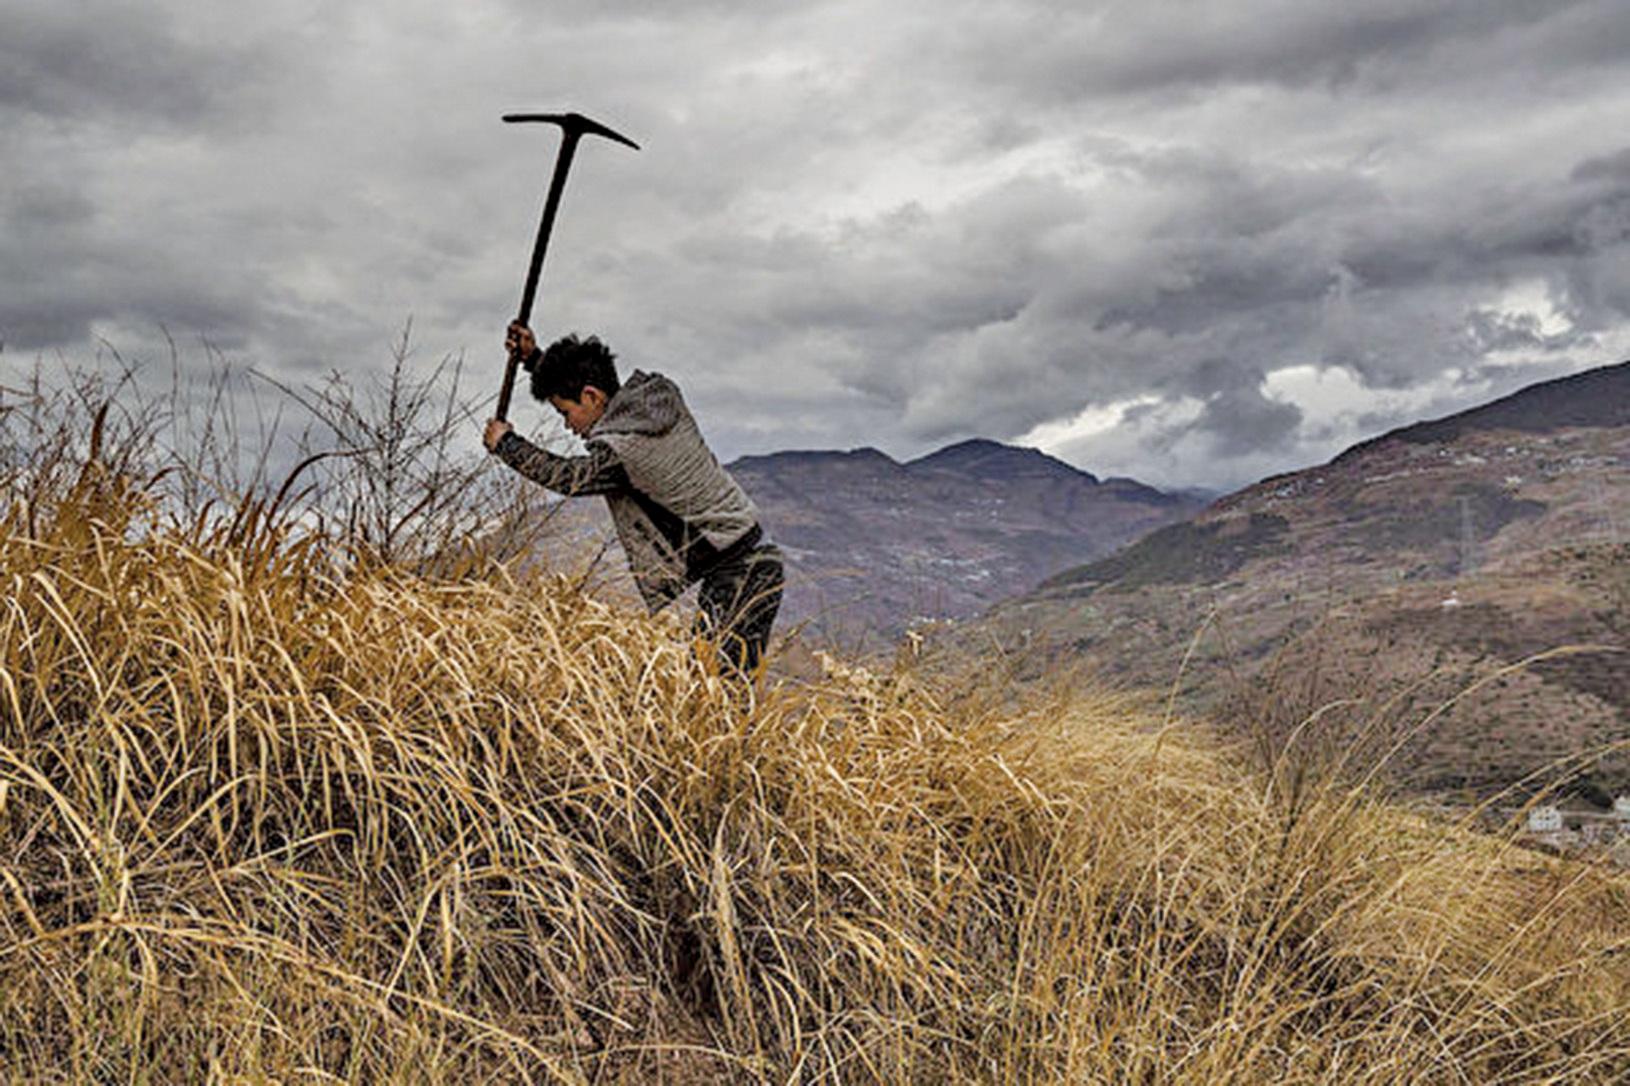 中共農業農村部長在博鰲亞洲論壇上的講話中,隱晦指出中國農村目前的「蕭條」和「凋敝」現狀。(Getty Images)